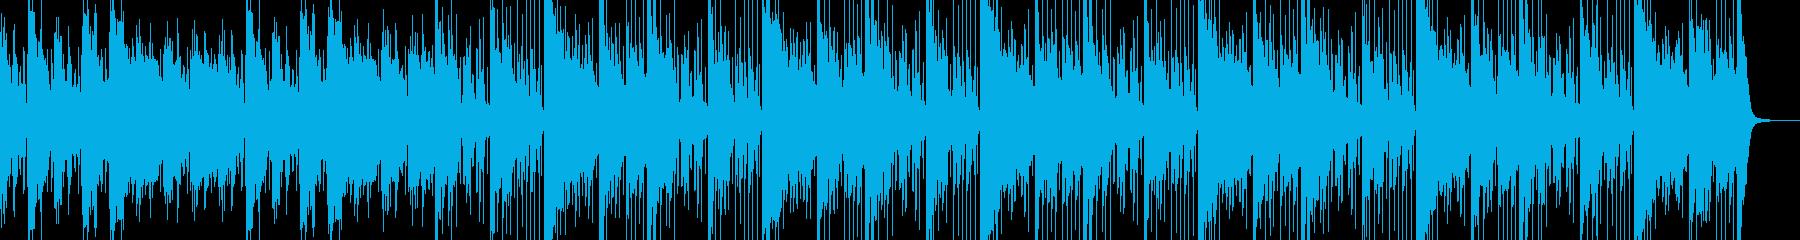 異様な空気感の奏でるミステリアスなBGMの再生済みの波形